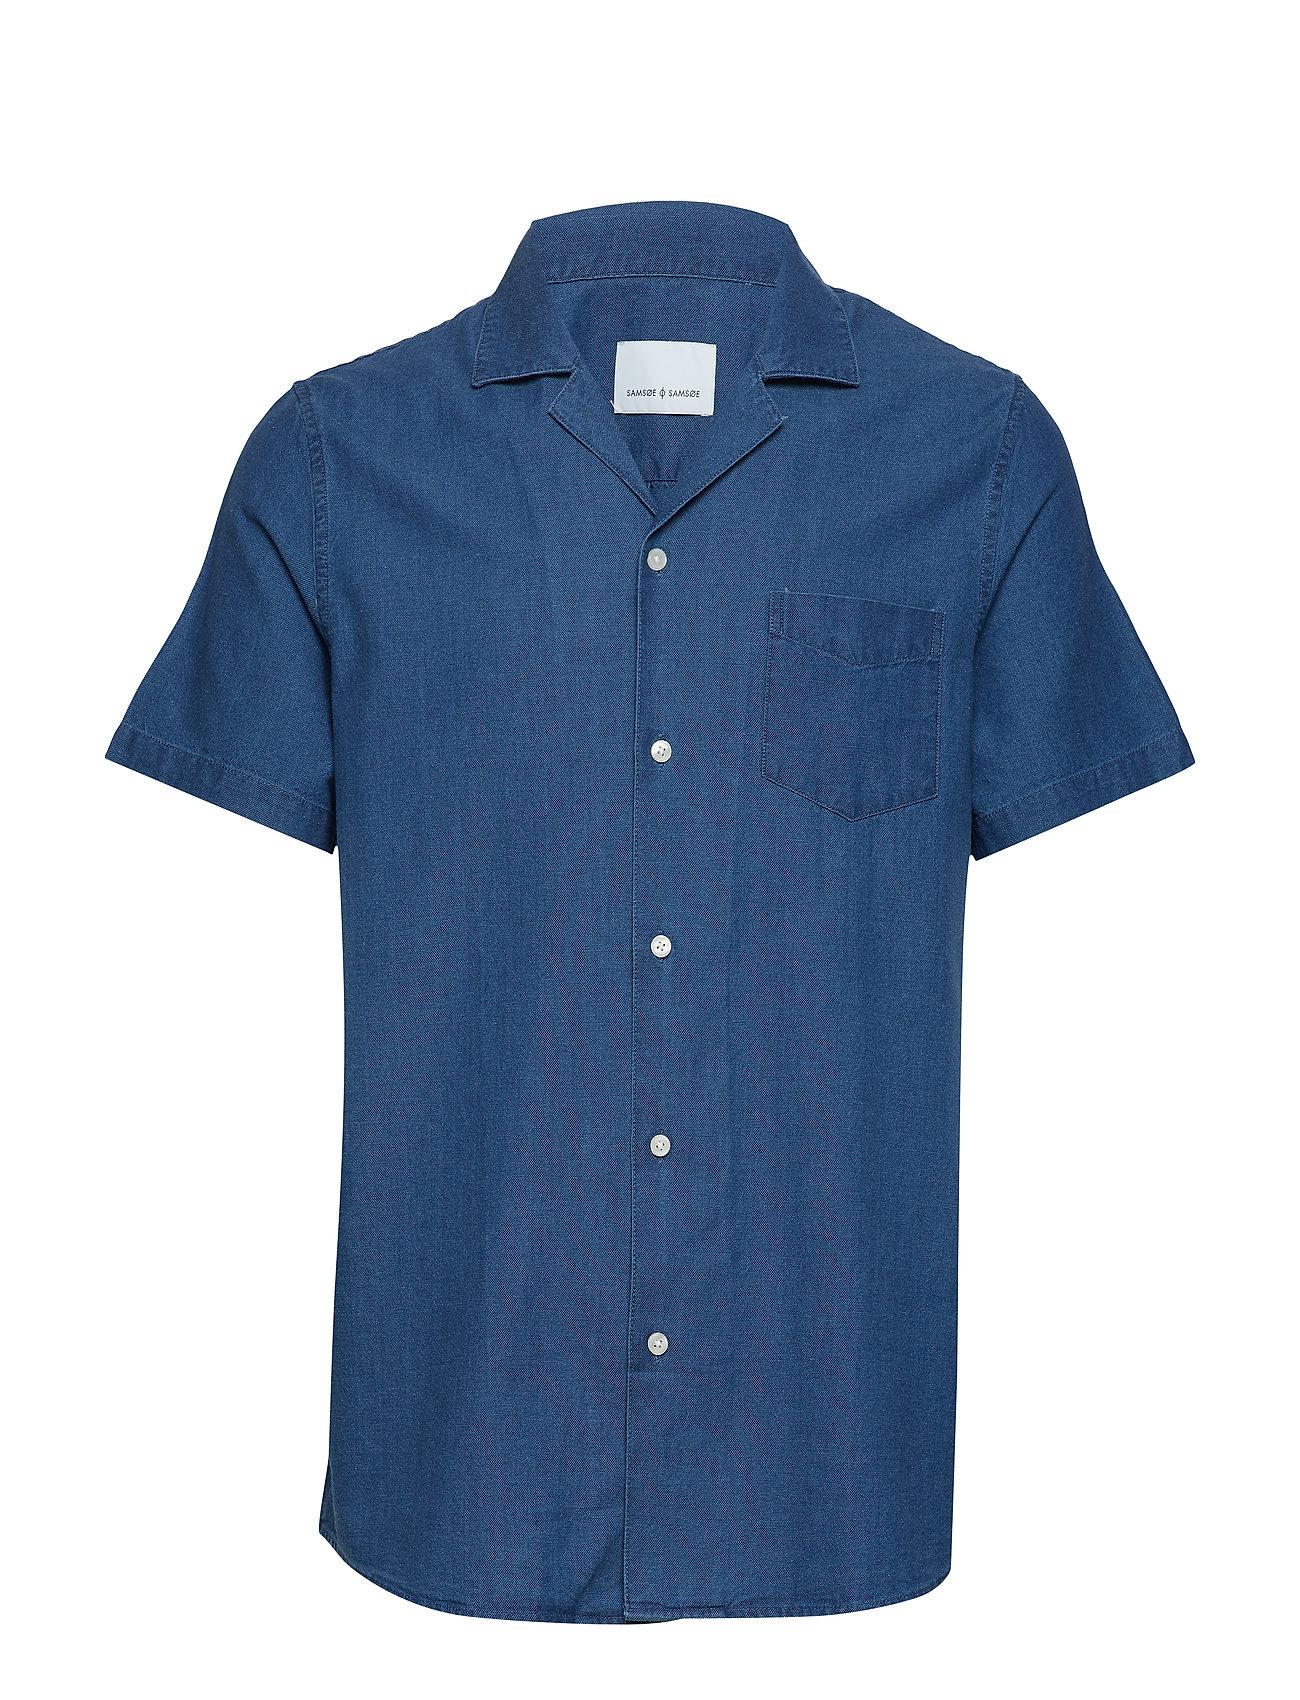 Samsøe & Samsøe Einar SA shirt 10932 - WASHED BLUE